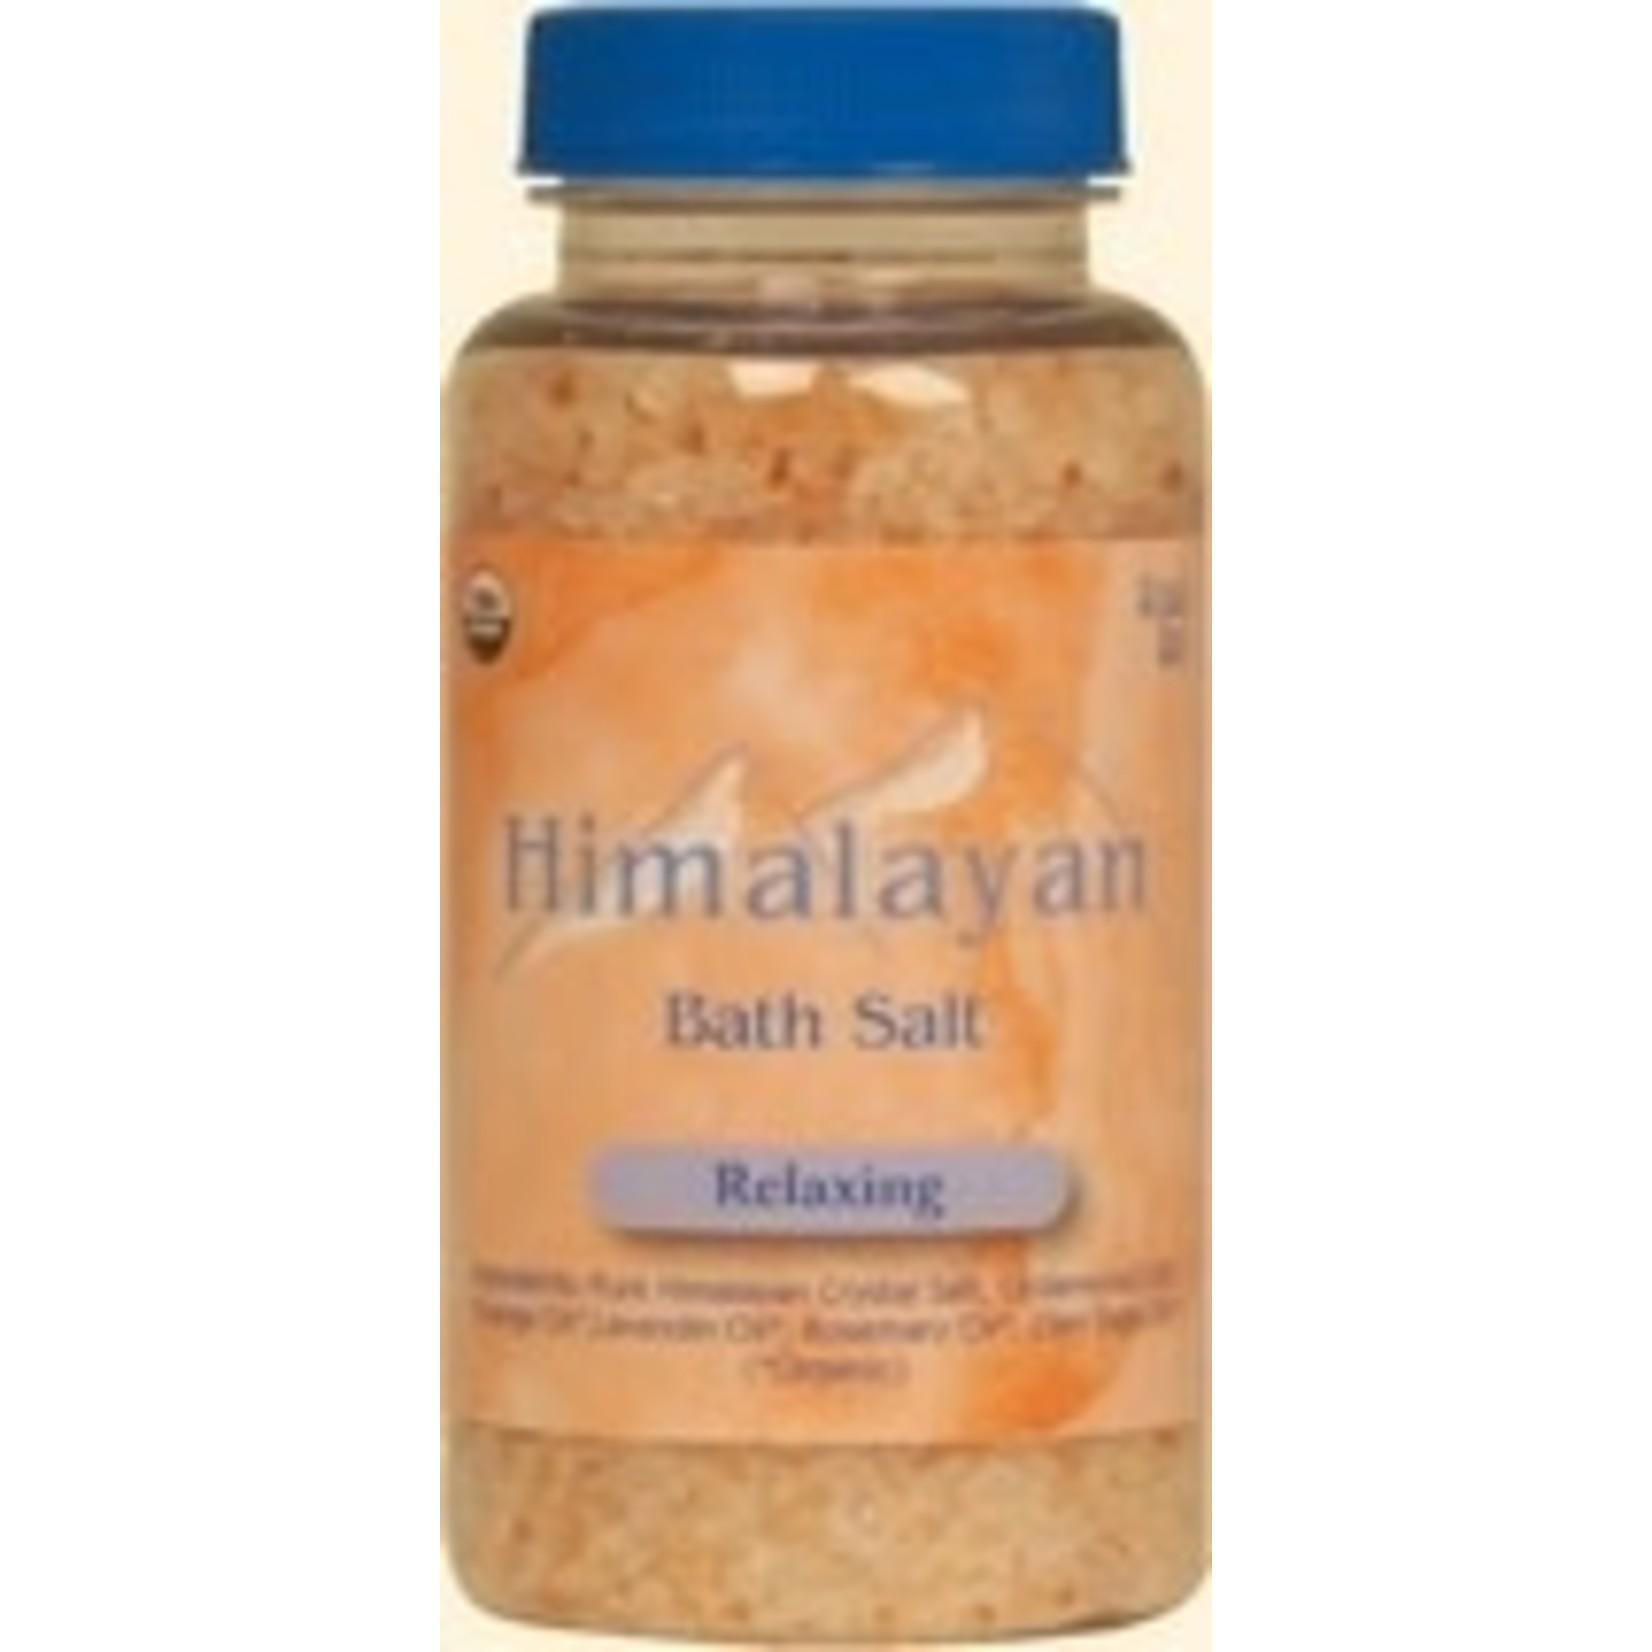 Aloha Bay Himalayan Bath Salts - Relaxing 6oz